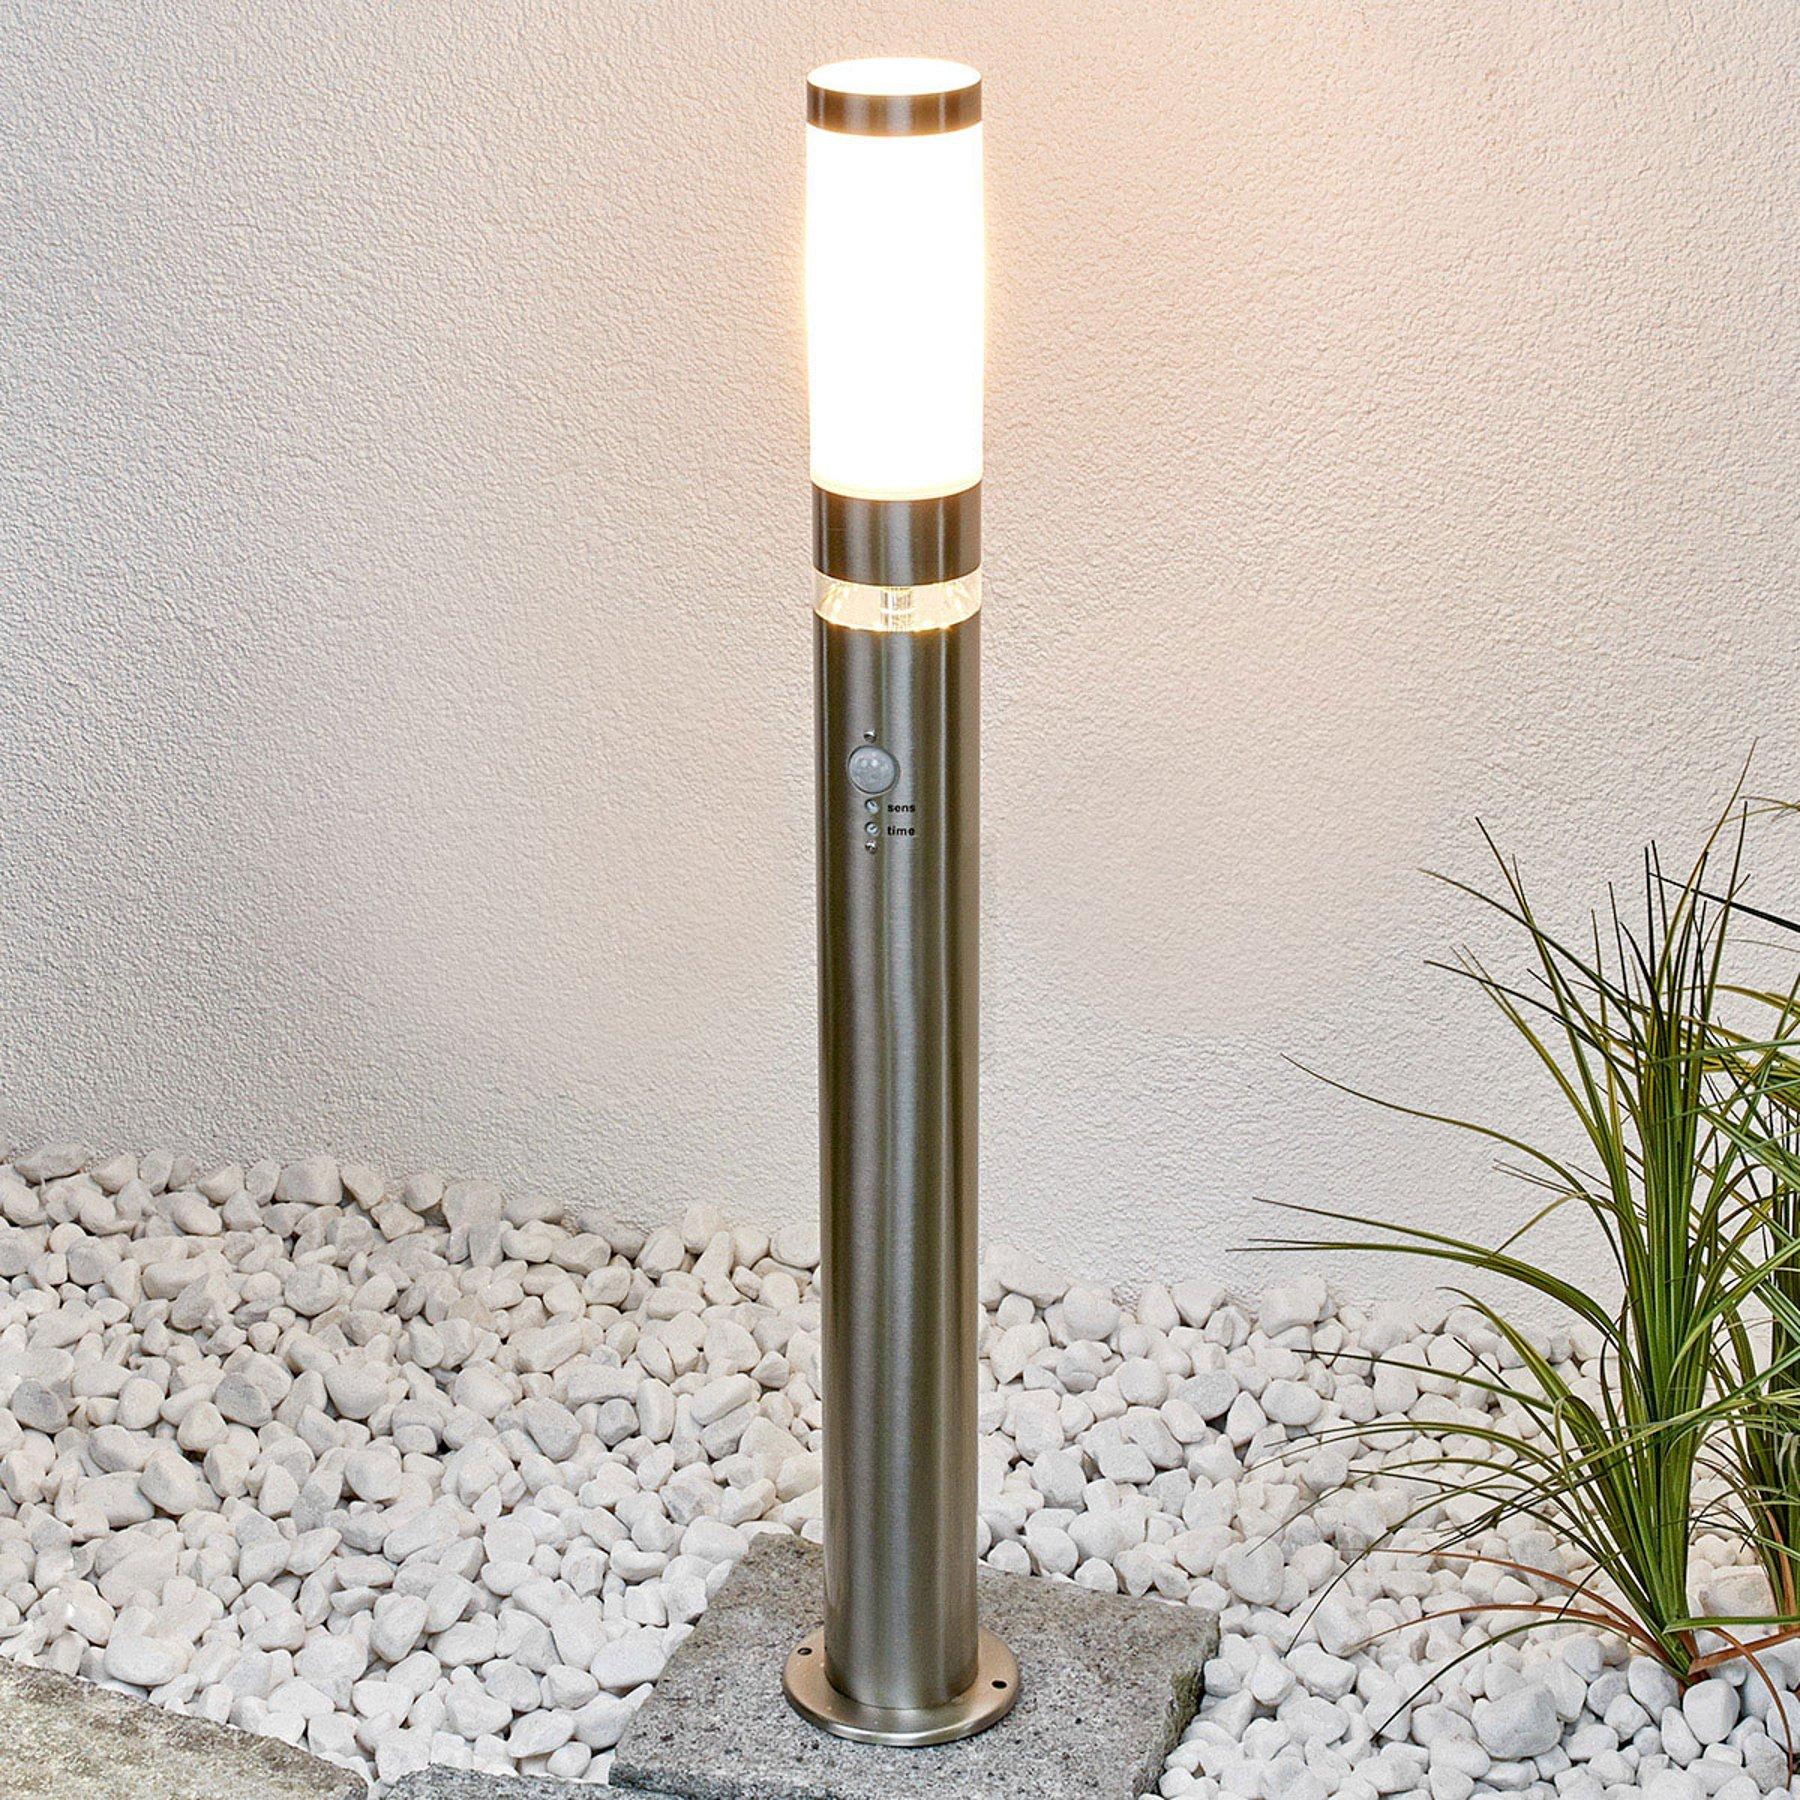 Allsidig gatelampe Binka med bevegelsessensor